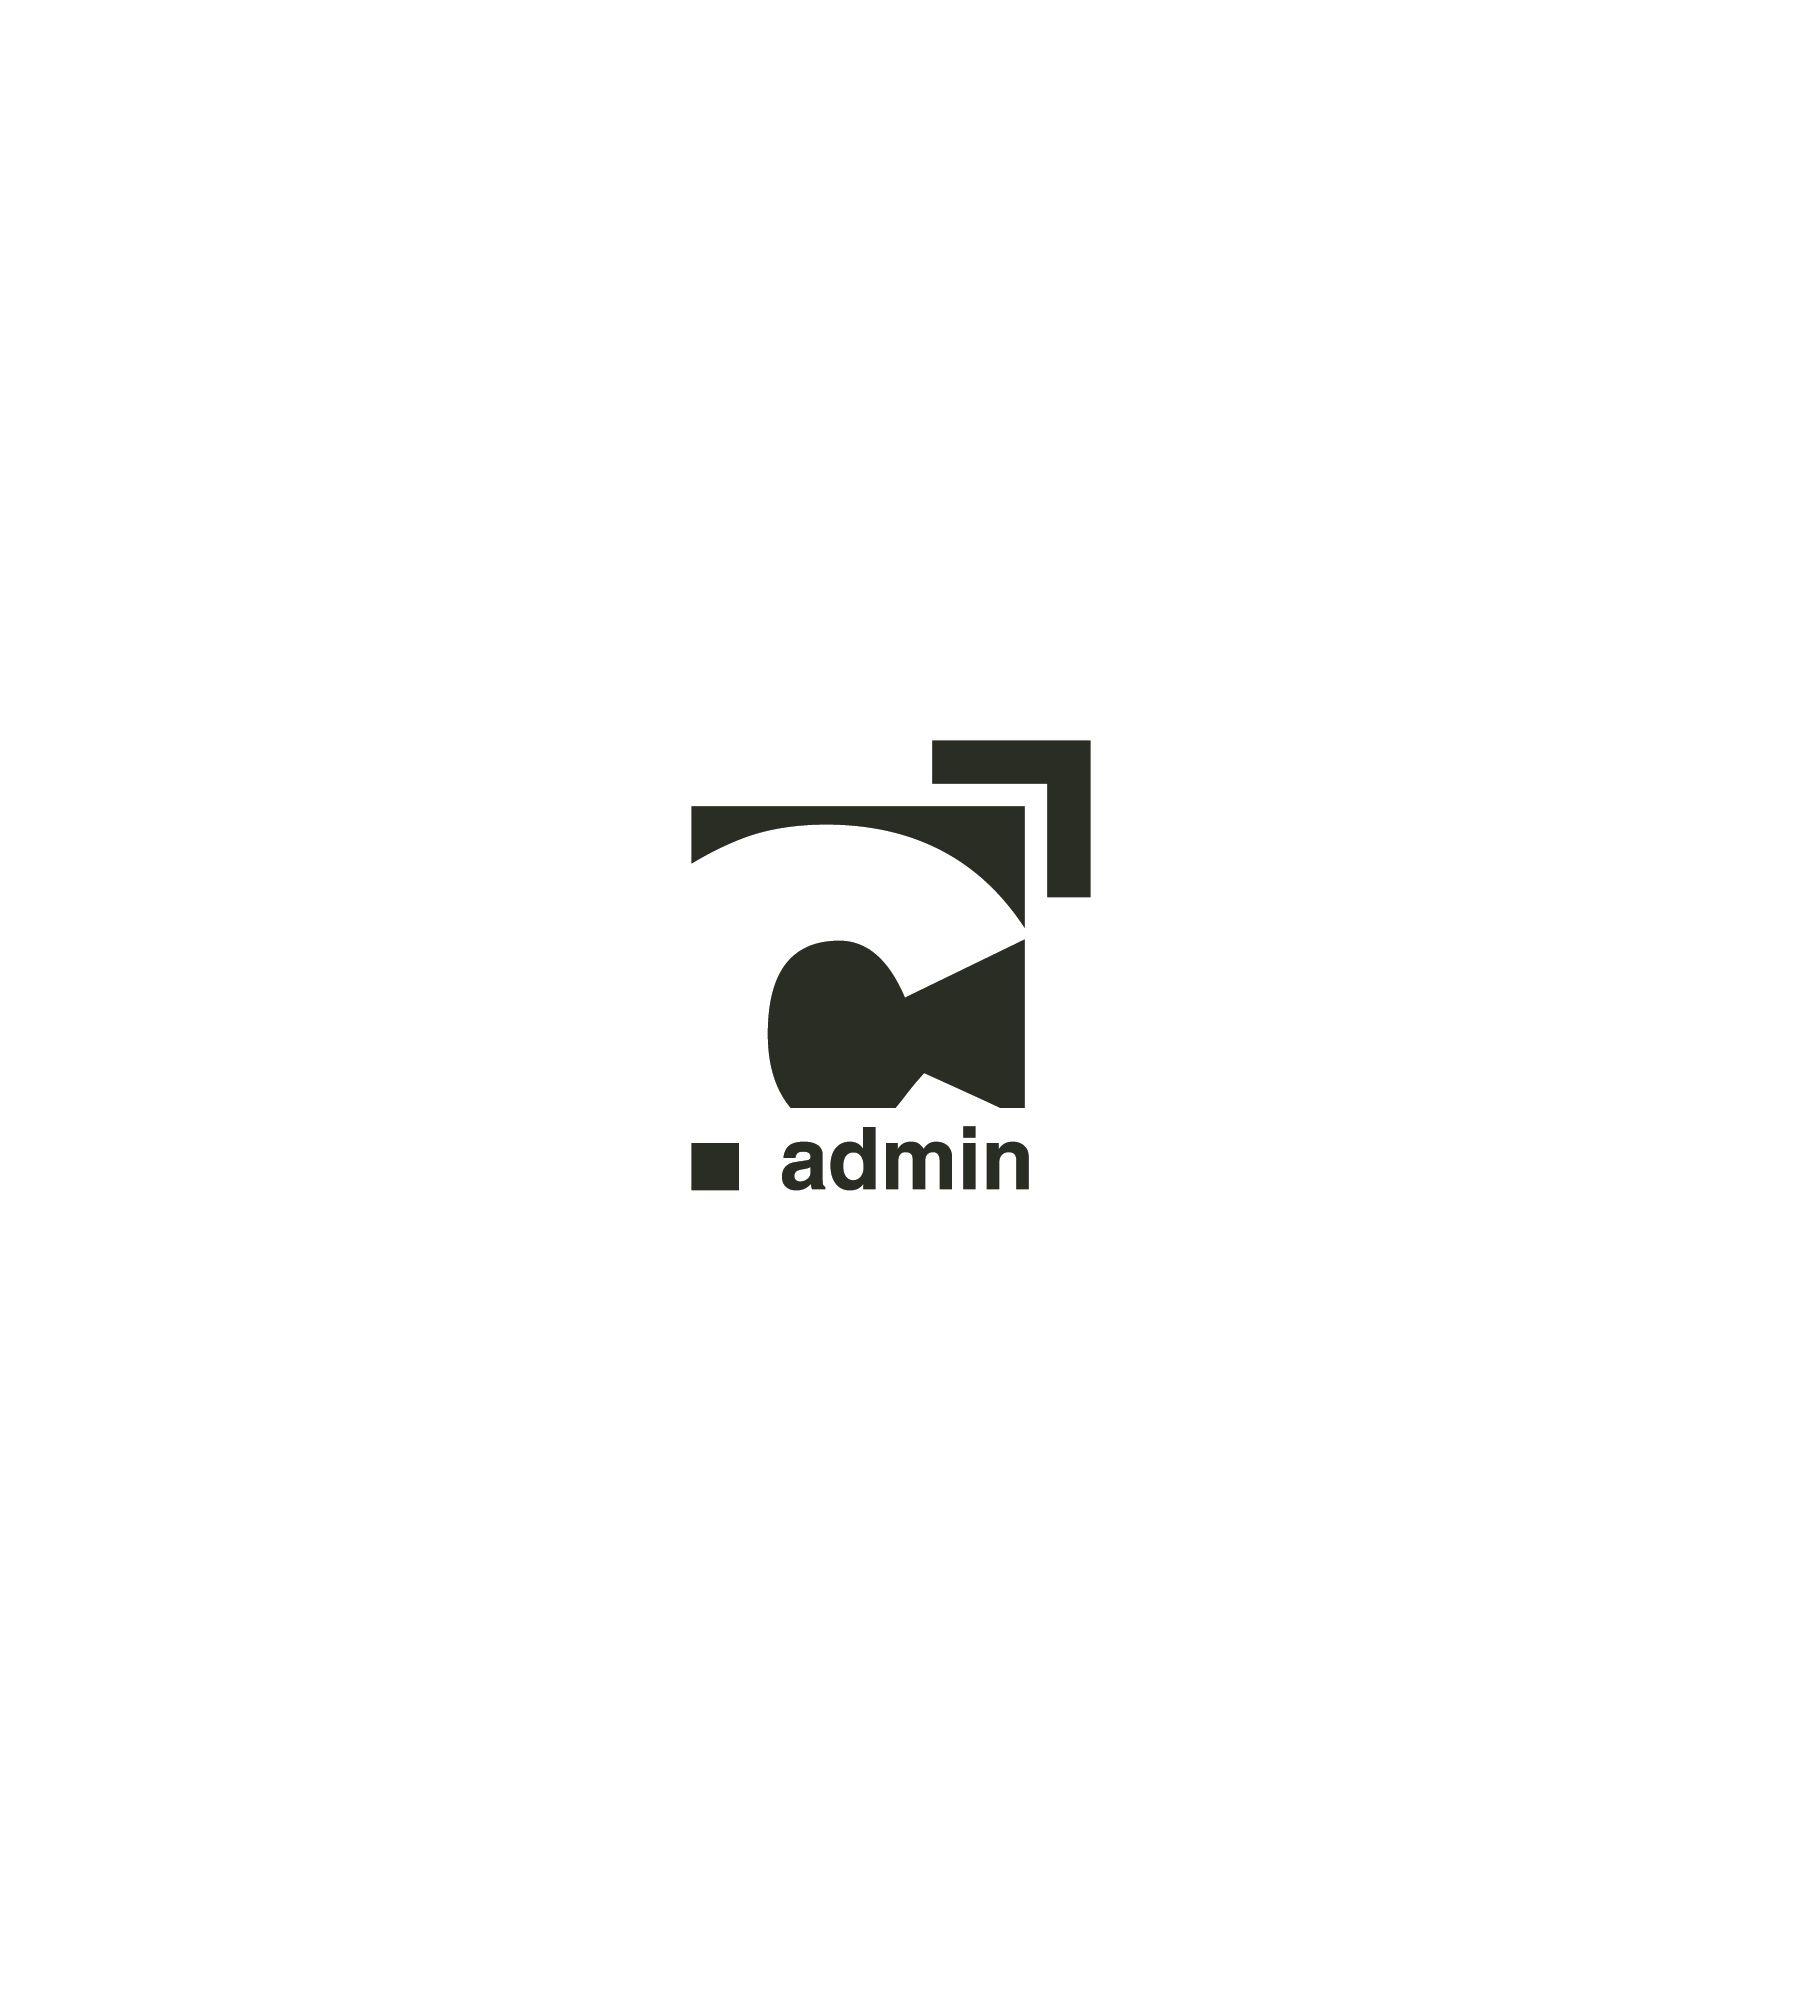 Логотип для компании Centos-admin.ru - дизайнер Jase